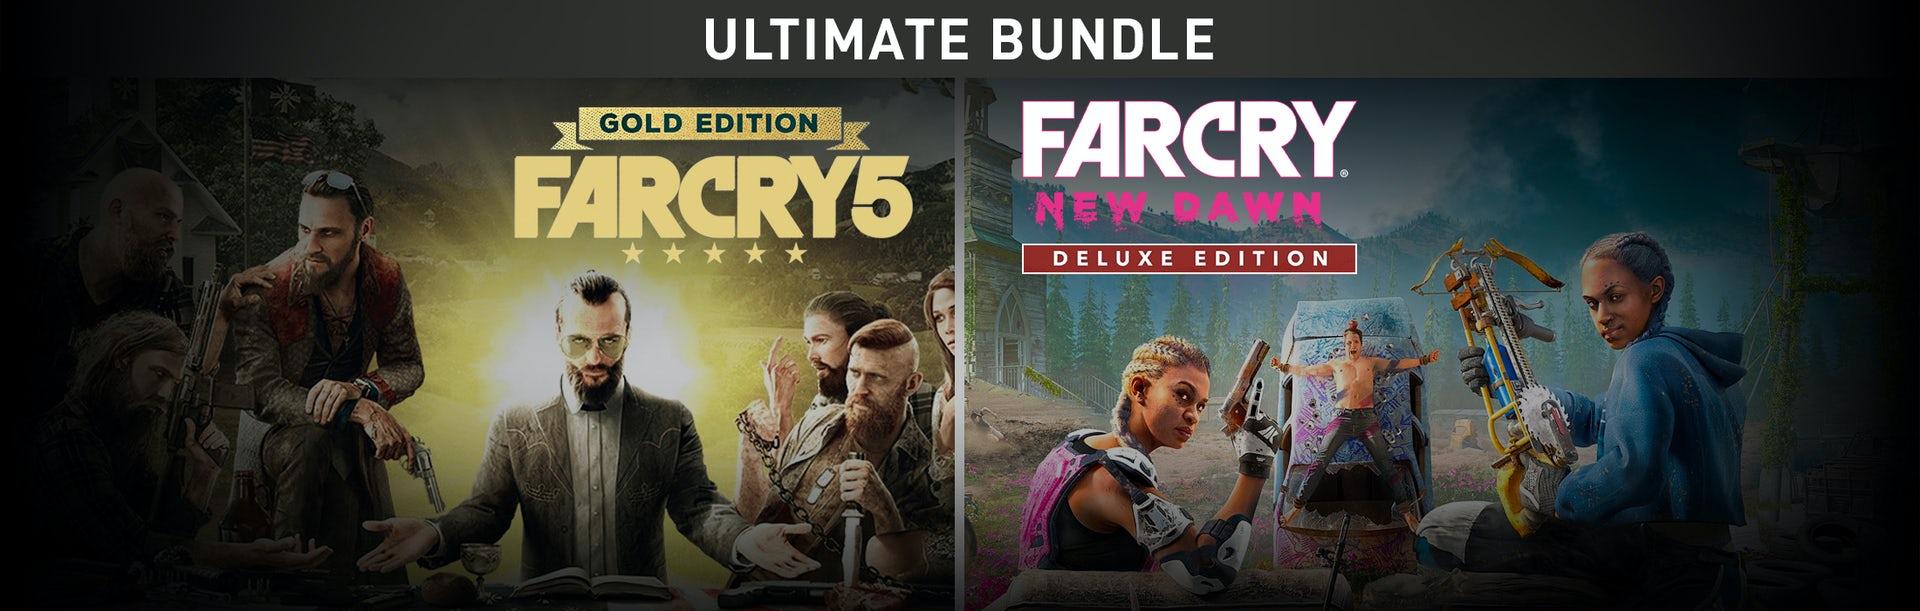 Pack de jeux Far Cry 5 Gold Edition + Far Cry New Dawn sur PC - Deluxe Edition Bundle (Dématérialisé, Uplay)